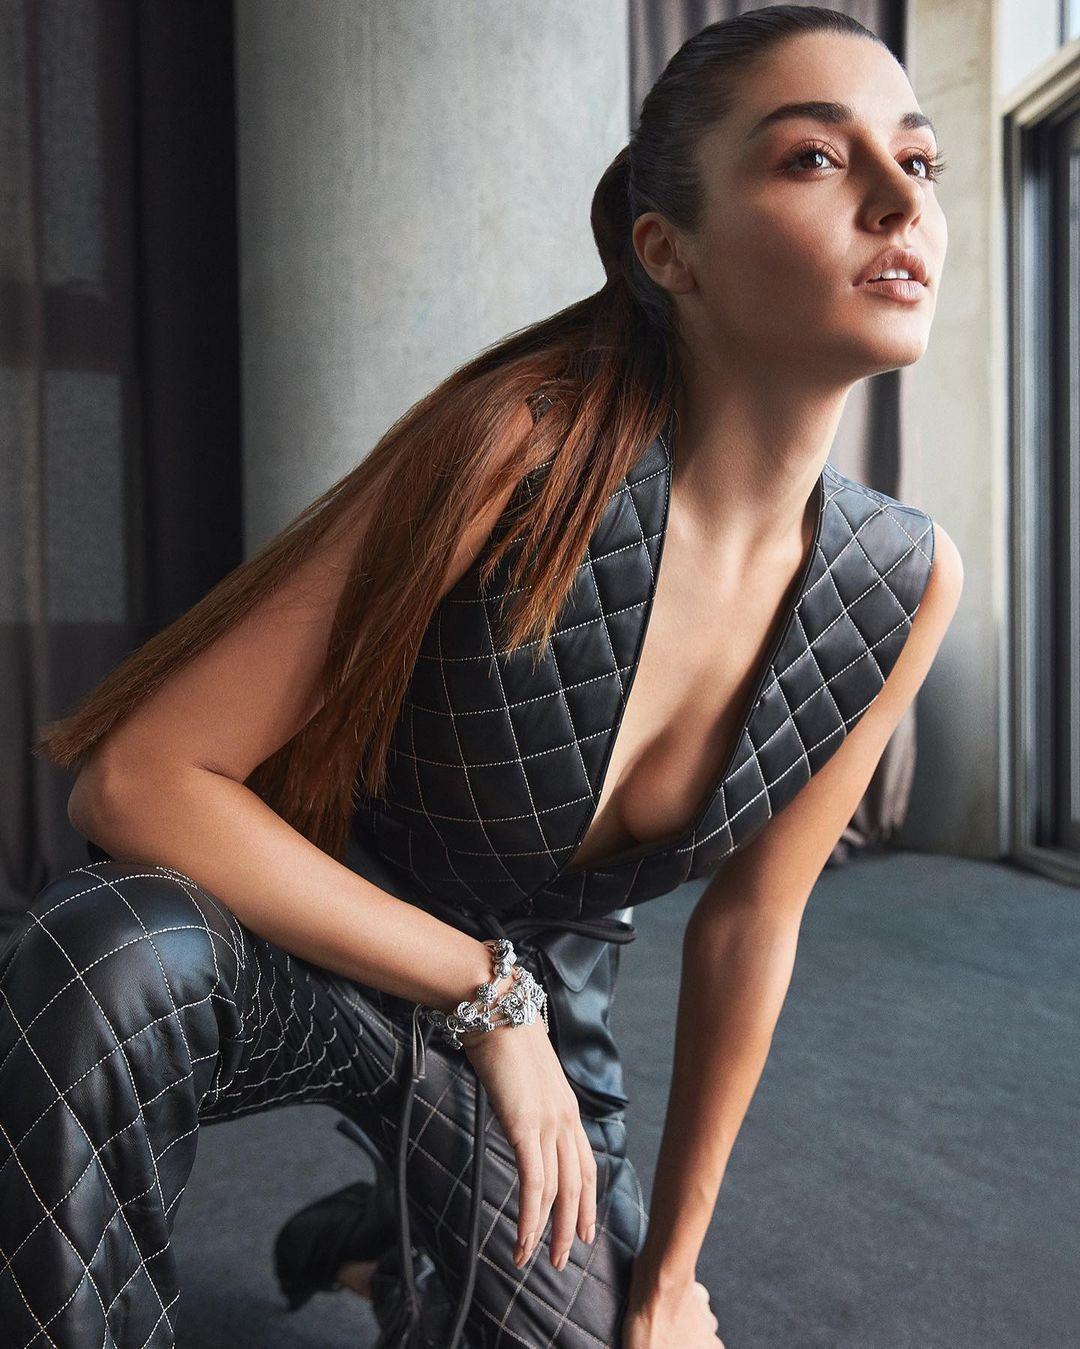 Hande Erçel dekolteli elbisesiyle poz verdi! Hayranları beğeni yağdırdı... - Sayfa 2